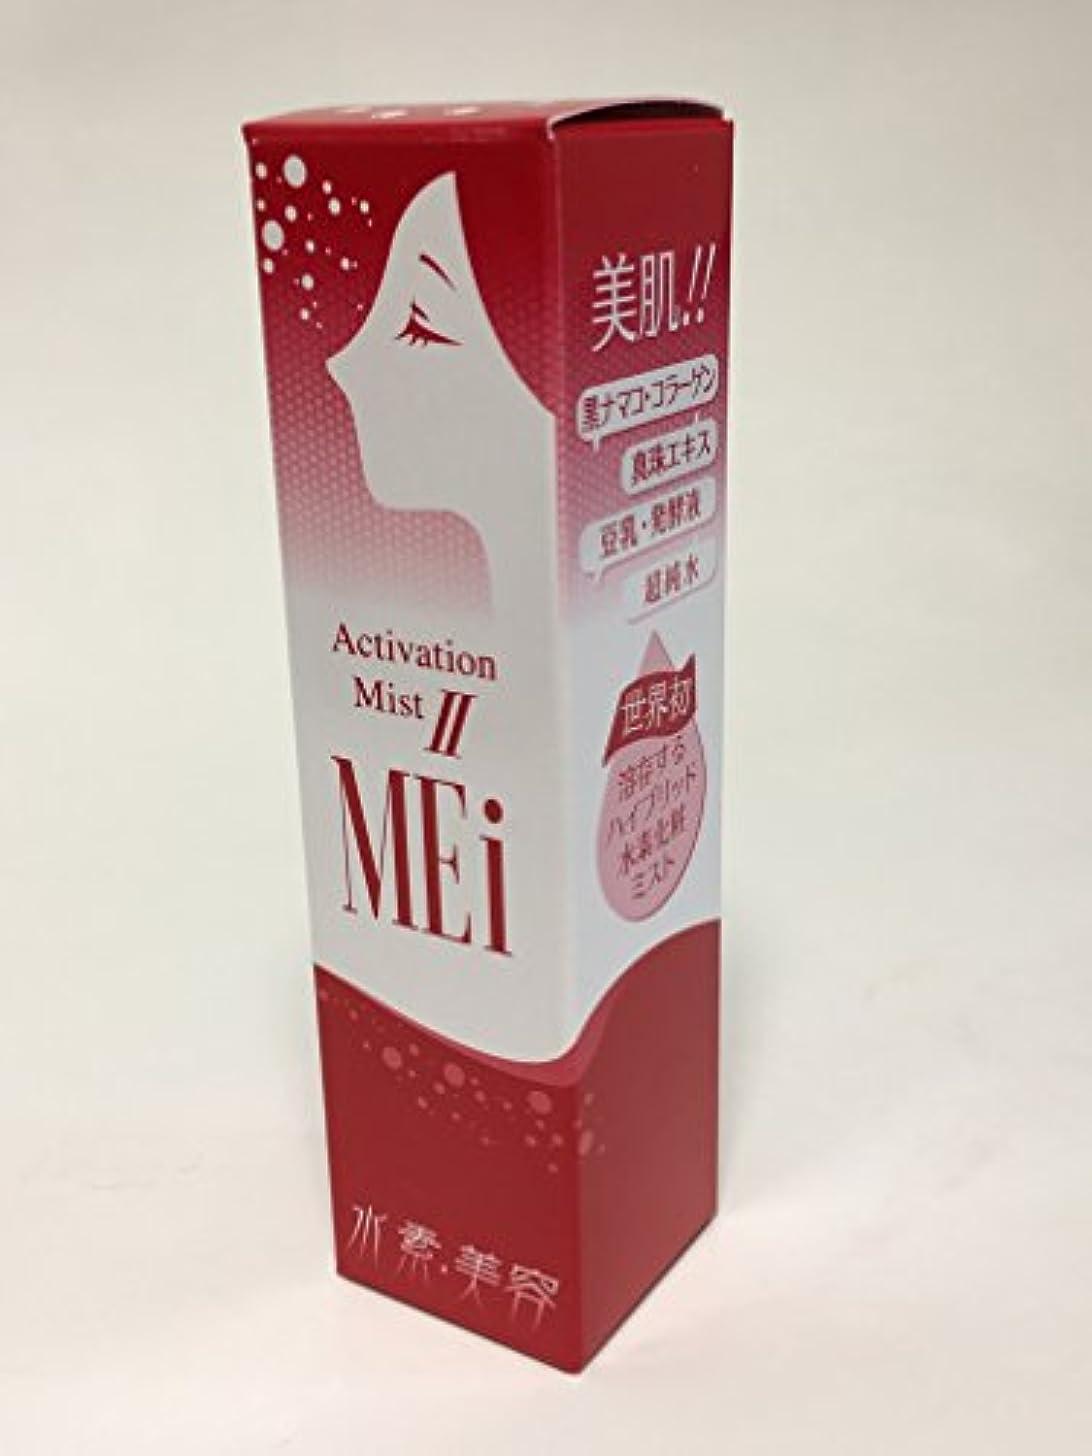 拍手全部ステージ水素美容ミスト KAKURA アクテイベーションミストⅡ「MEi」50ml SP式